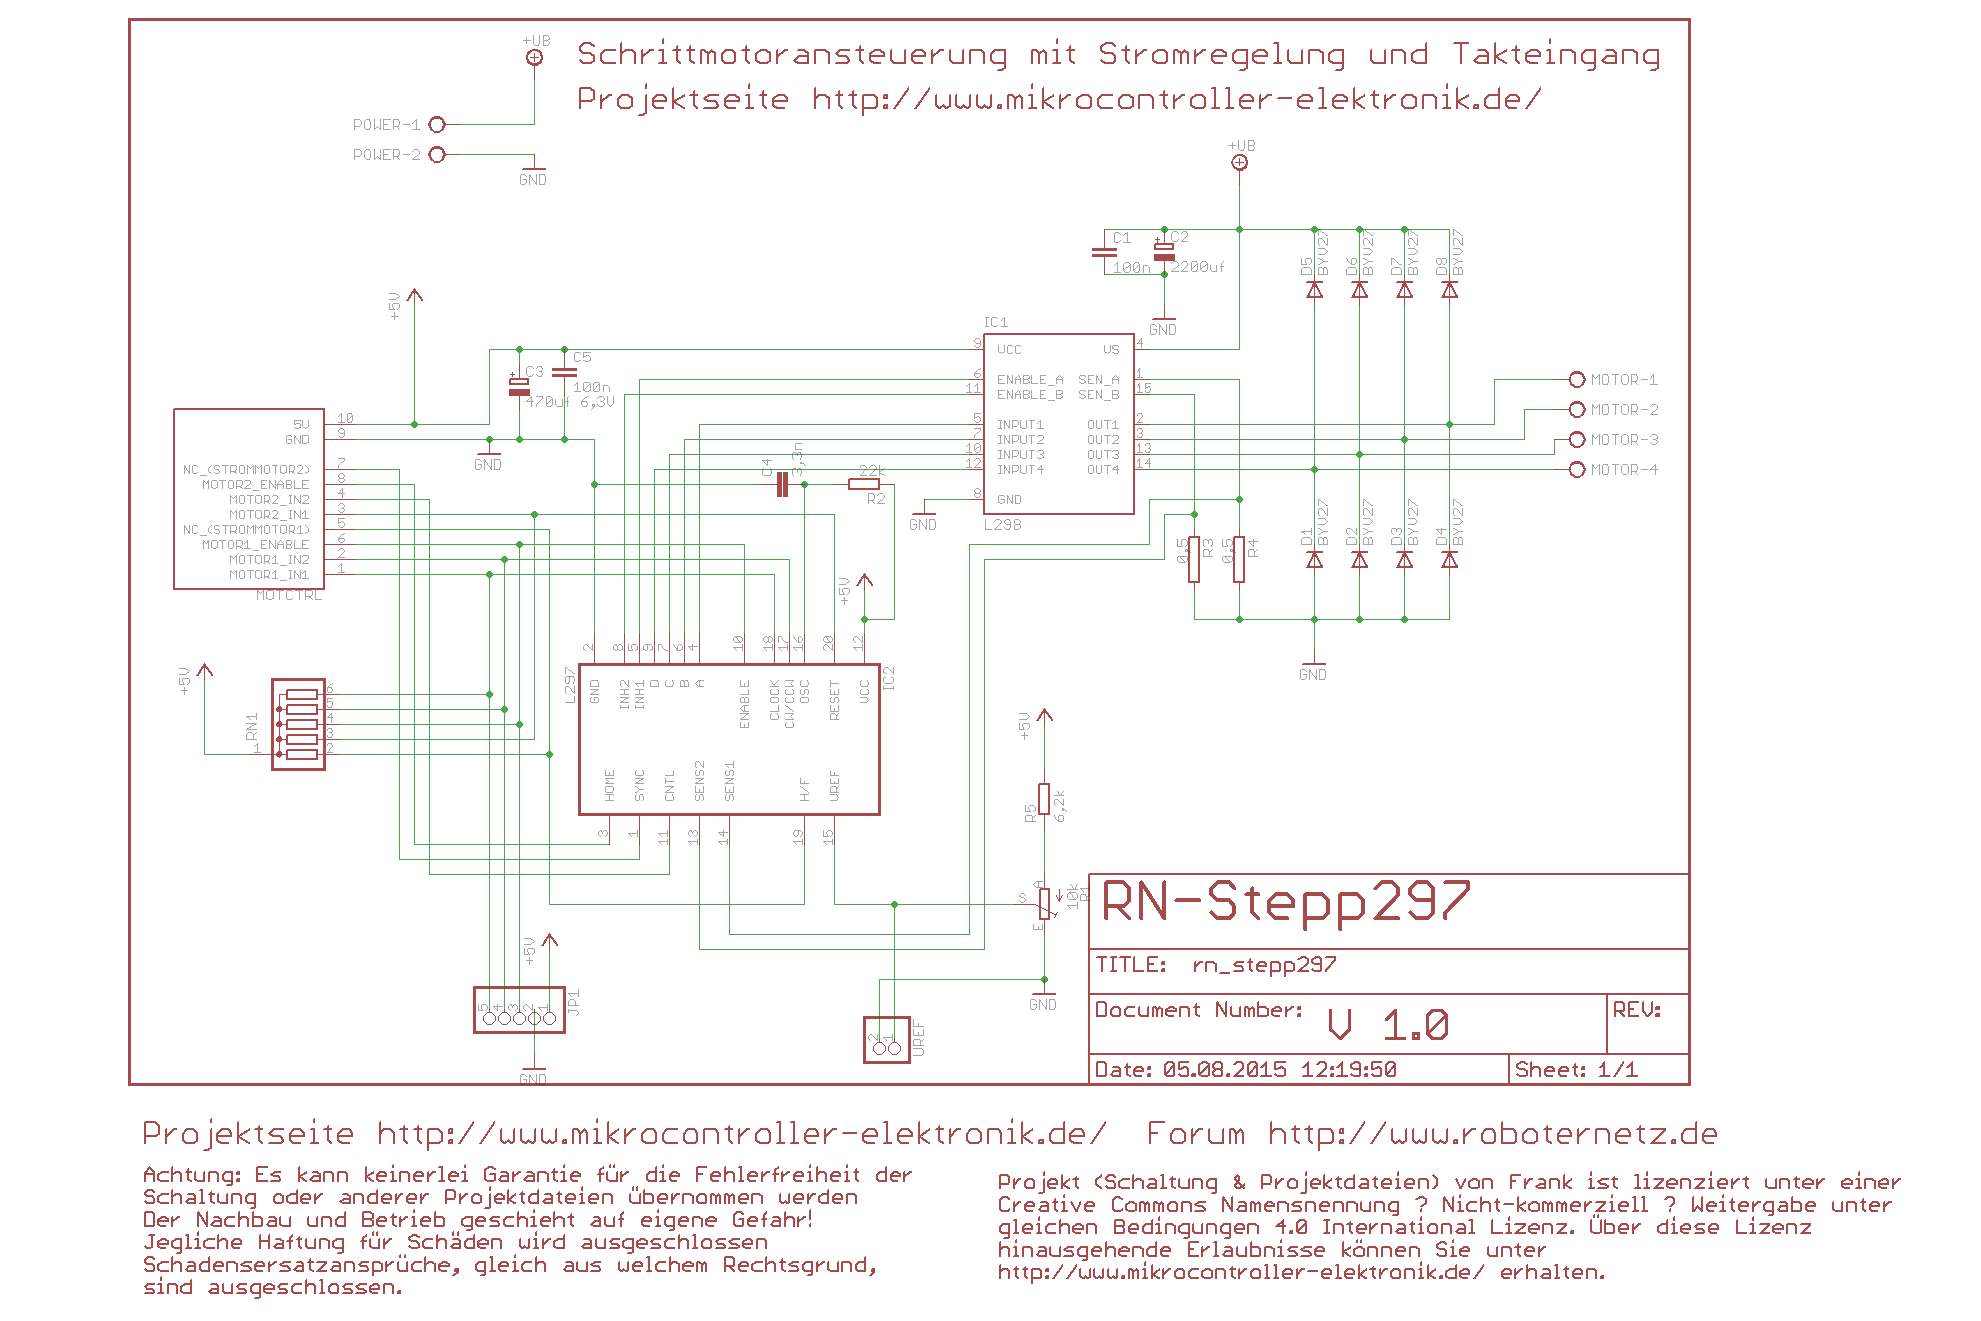 Schrittmotor ansteuern - Bauanleitung für Schrittmotortreiber